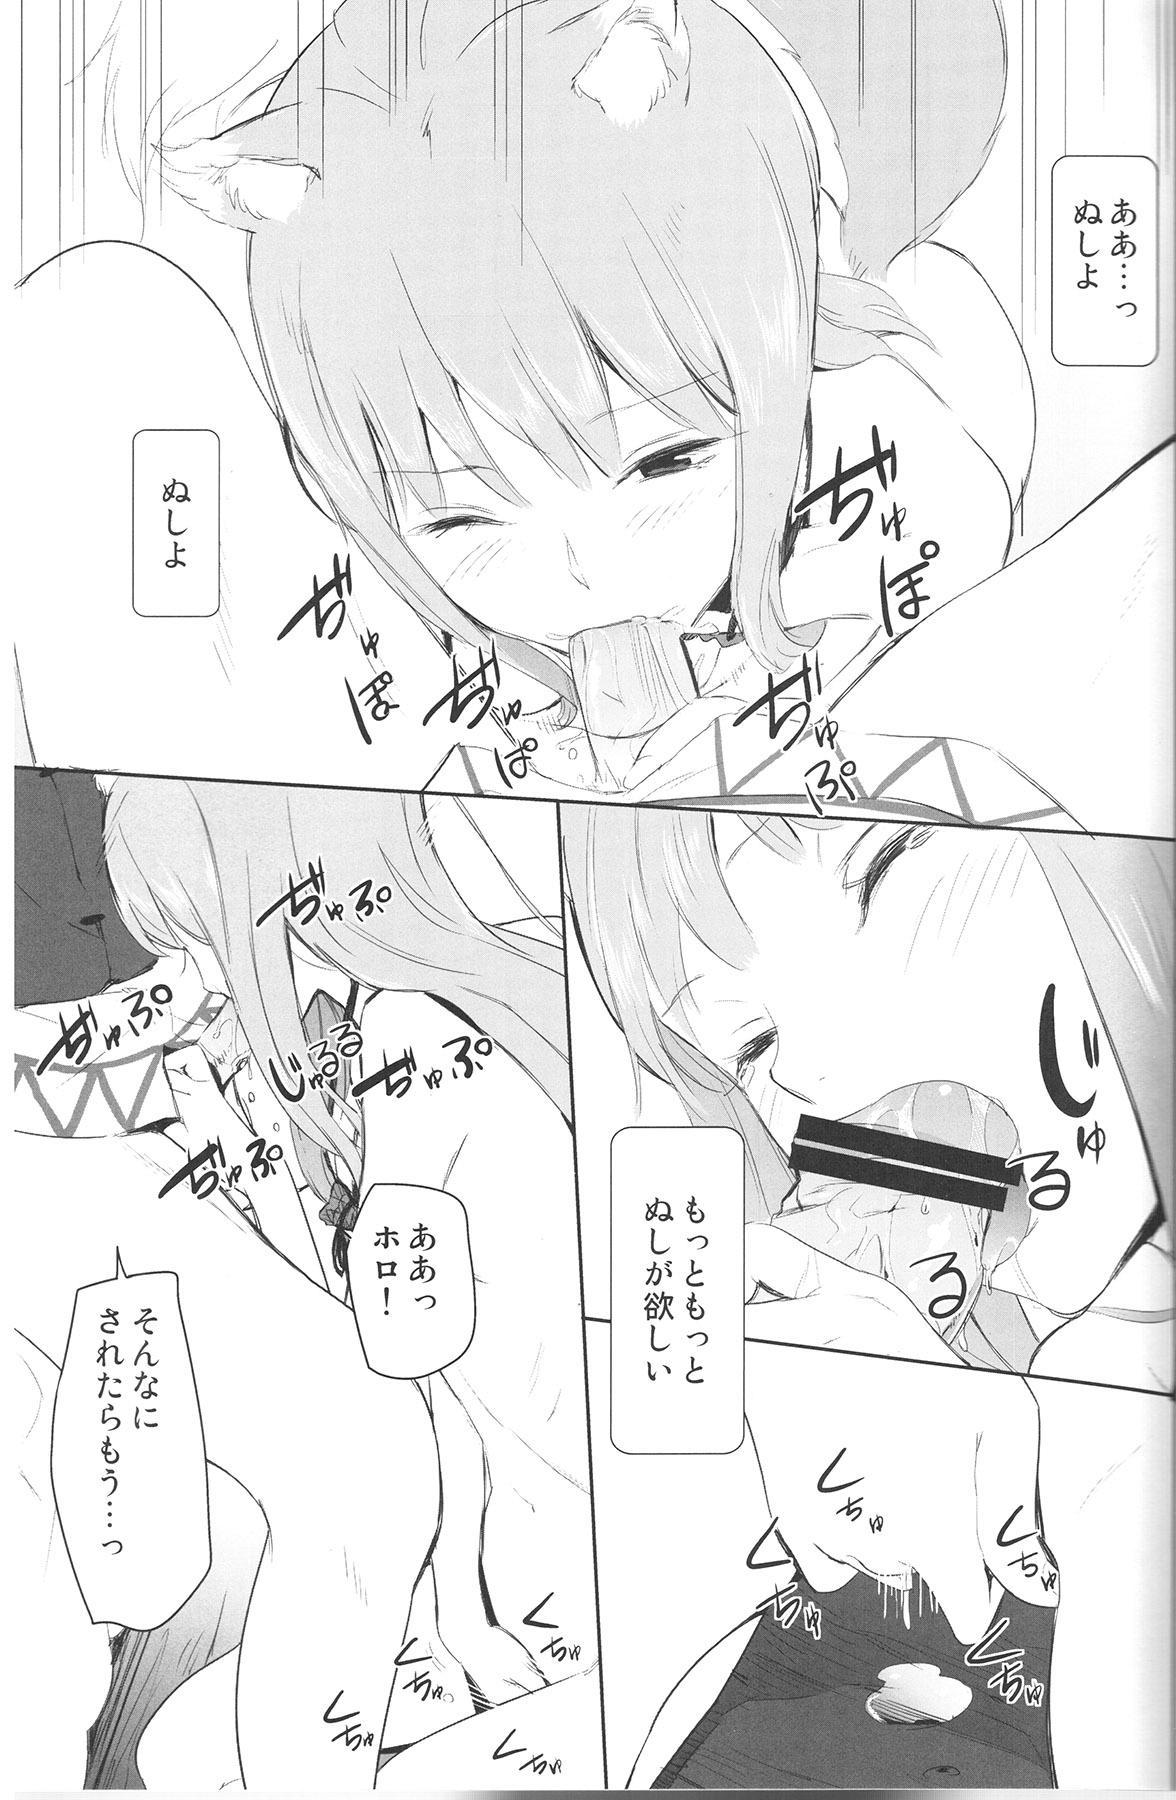 Ajisai Maiden Vol. 1 4